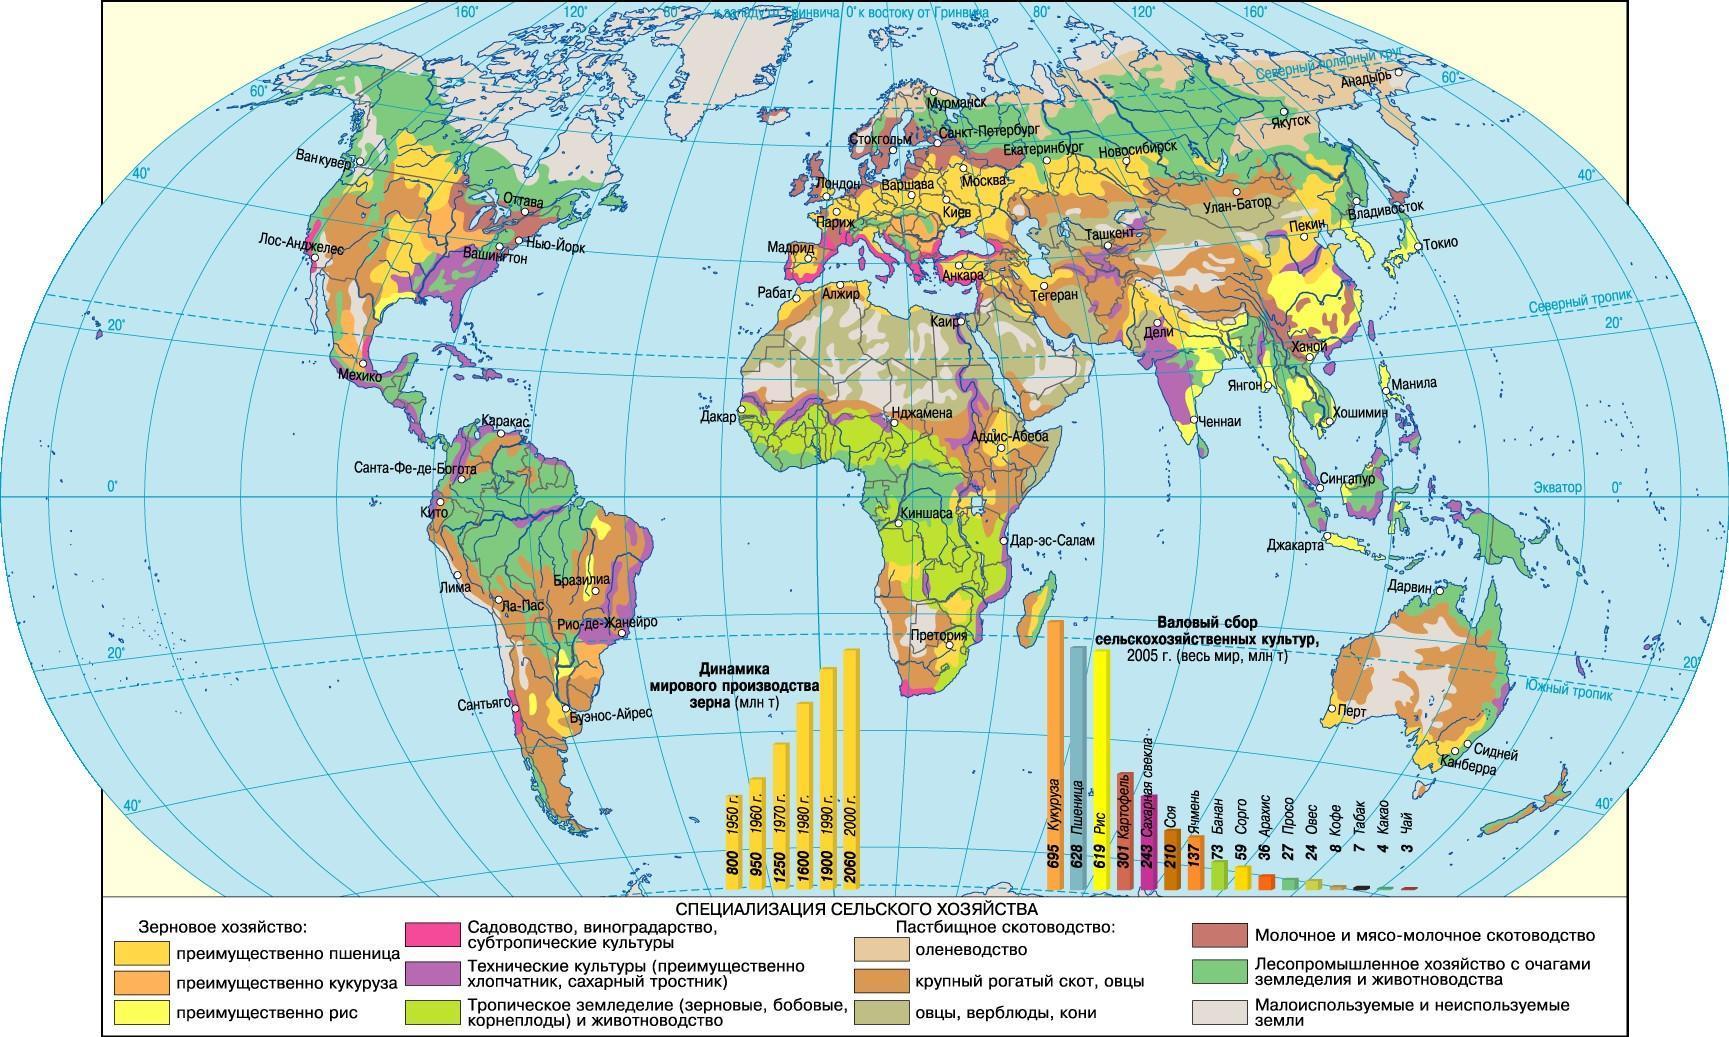 Выращивание кукурузы: на урале, в сибири, ленинградской области и средней полосе